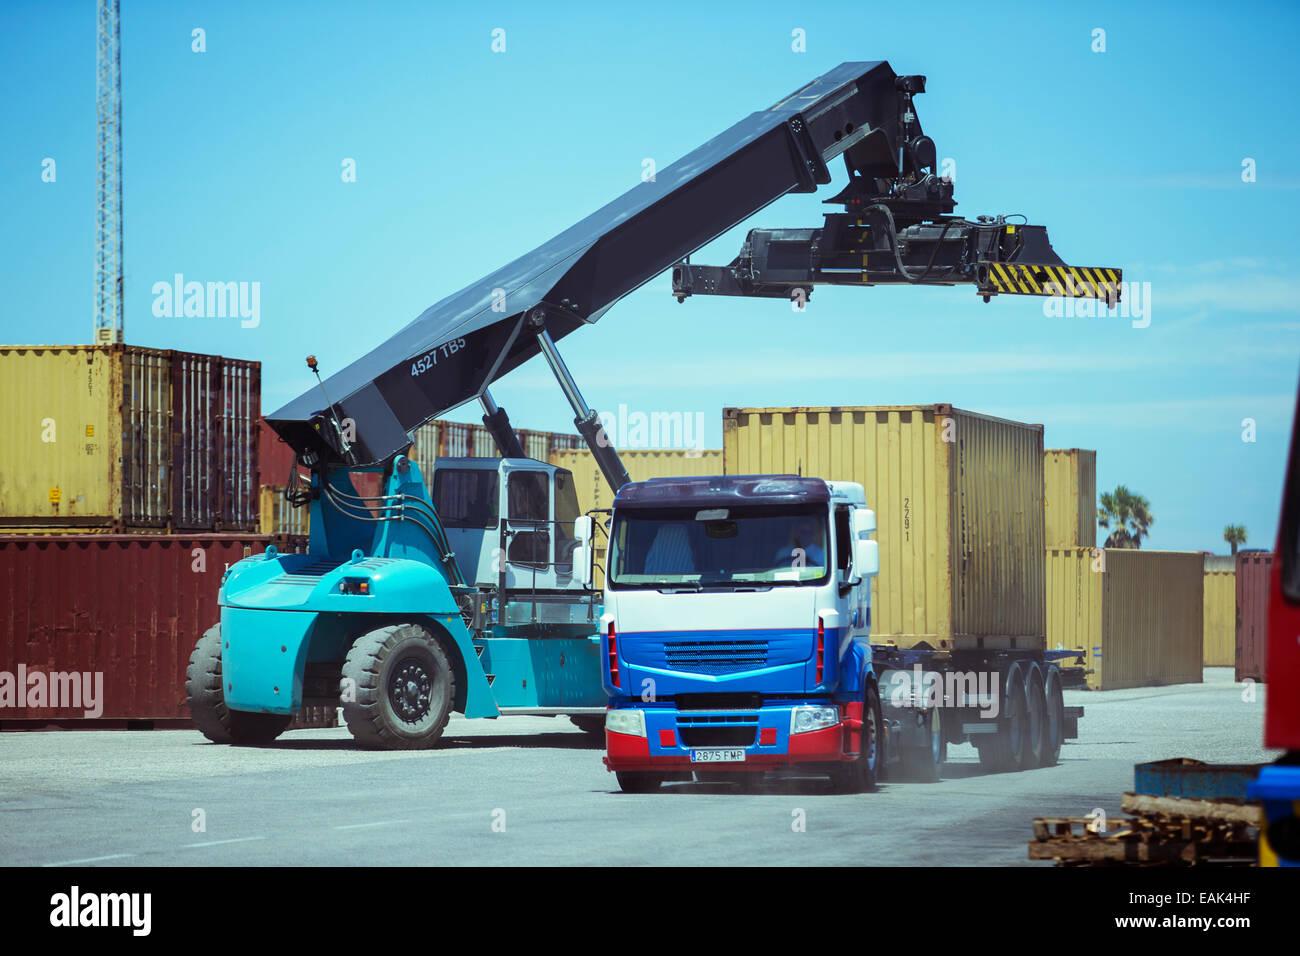 Près de la grue sur camion conteneur Photo Stock